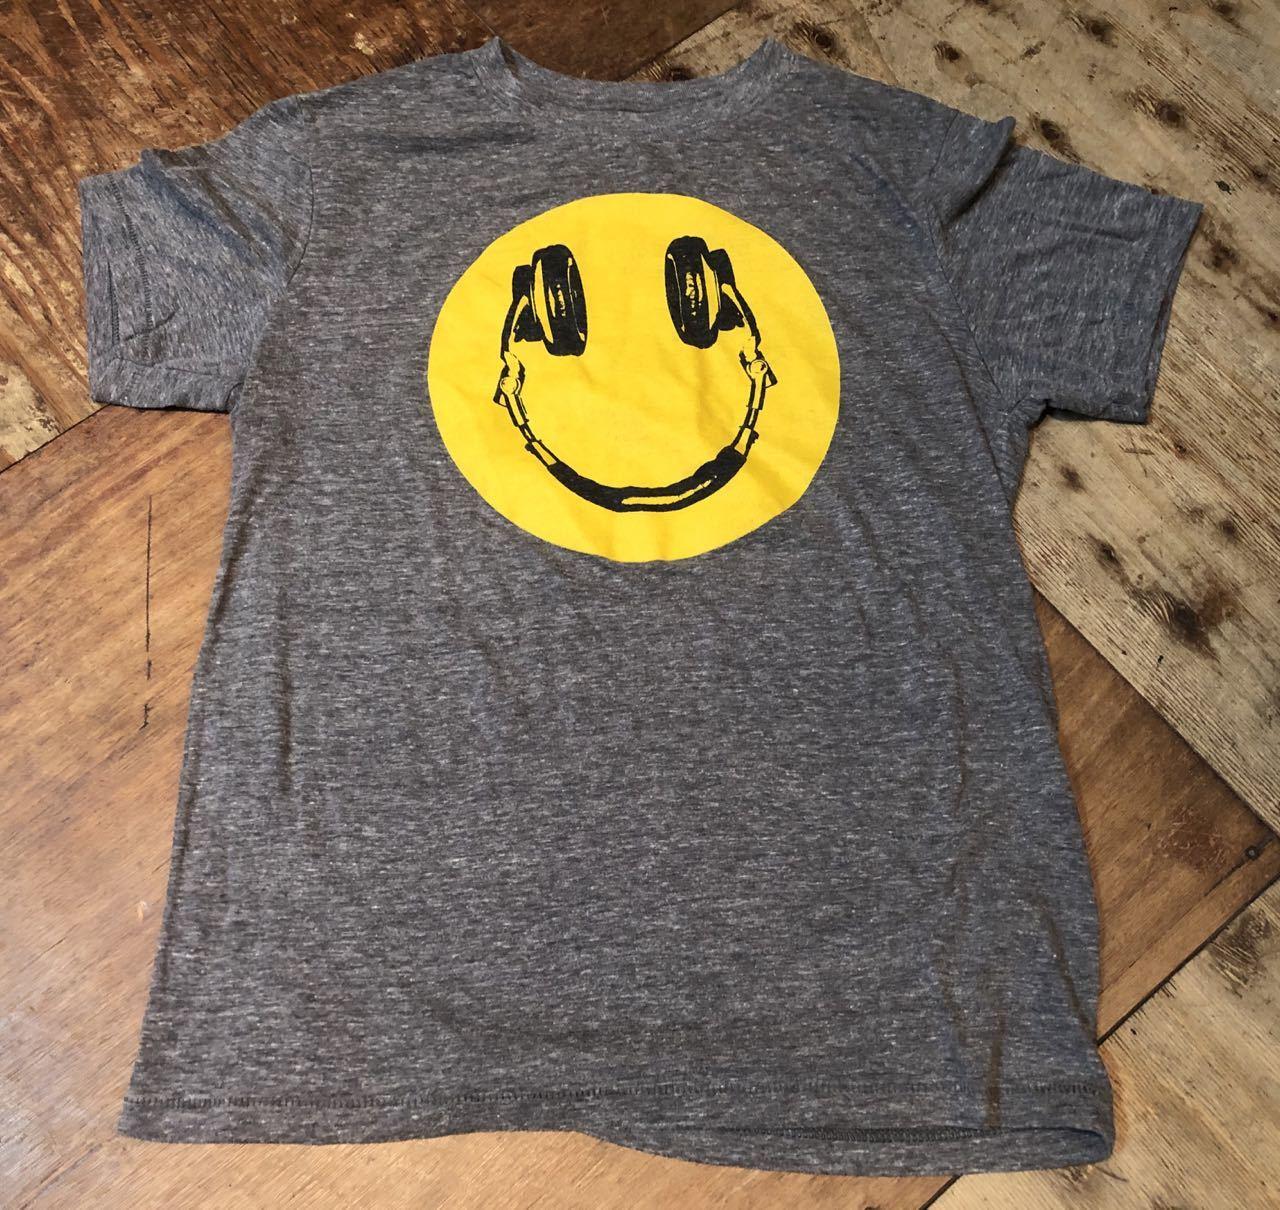 6月25日(木)入荷! smile スマイル ヘッドフォン Tシャツ!_c0144020_13200122.jpg